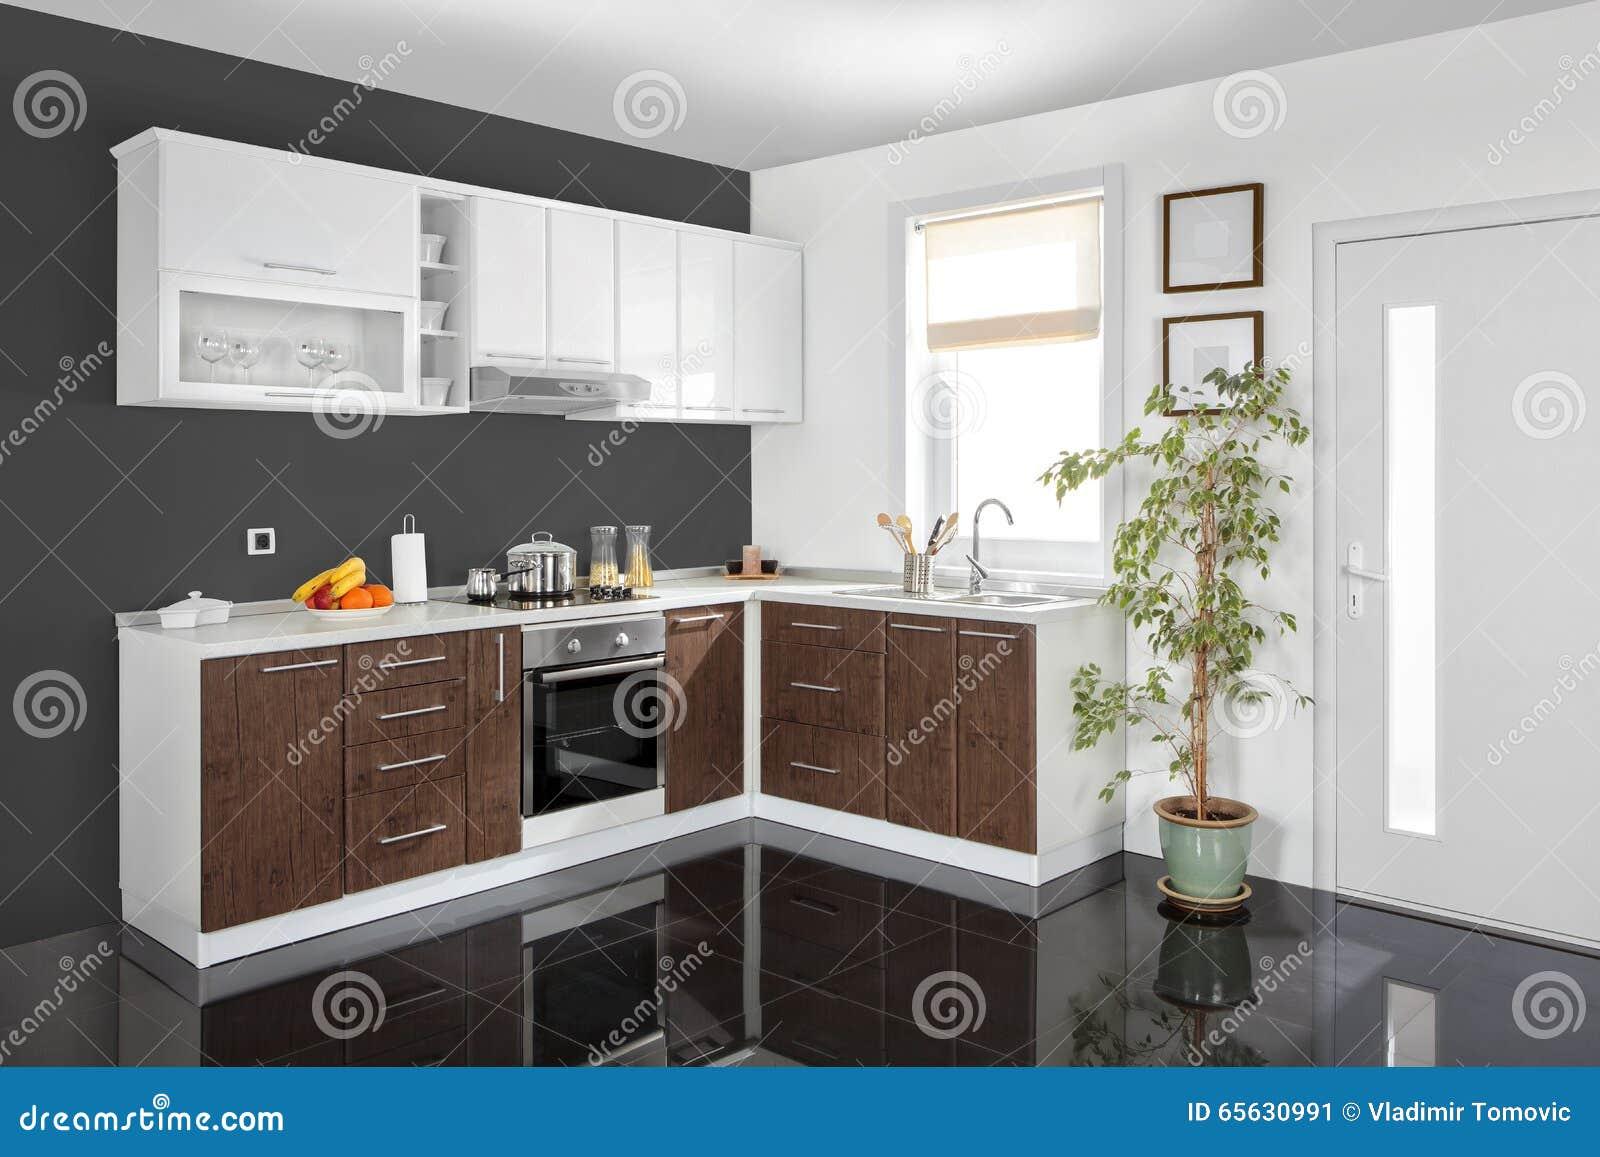 Int rieur d 39 une cuisine moderne meubles en bois simple et propre photo - Interieur cuisine moderne ...